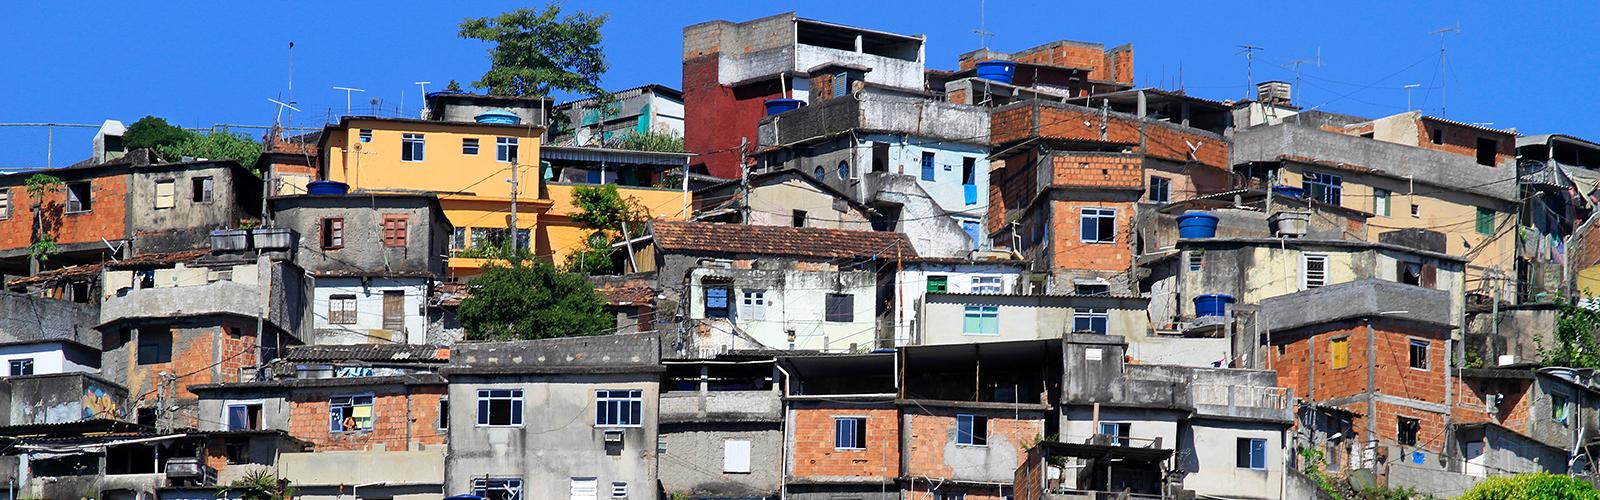 Imagem mostra casas no Conjunto de favelas da Maré, no Rio de Janeiro, onde instituições como a Unicef criaram série de medidas para fortalecer a rede de proteção a jovens que moram na região. As construções têm cores variadas: algumas amarelas, outras com tijolo aparente, outras com reboco cinza.